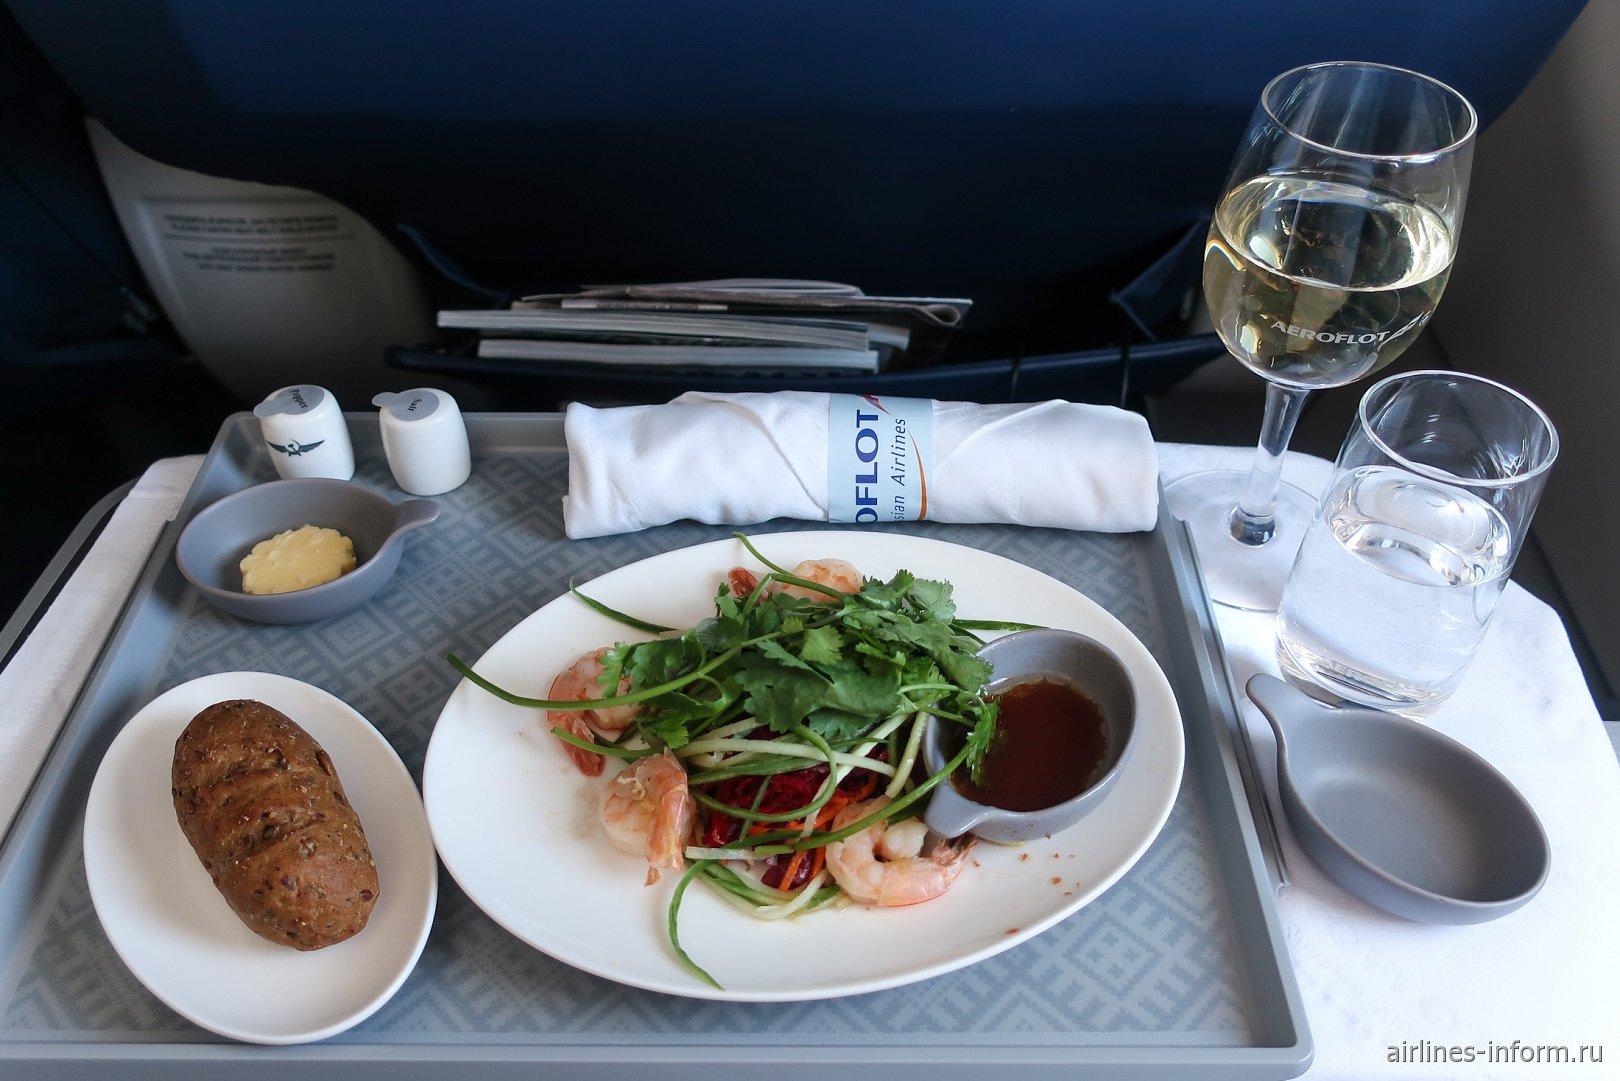 Салат с креветками в бизнес-классе Аэрофлота